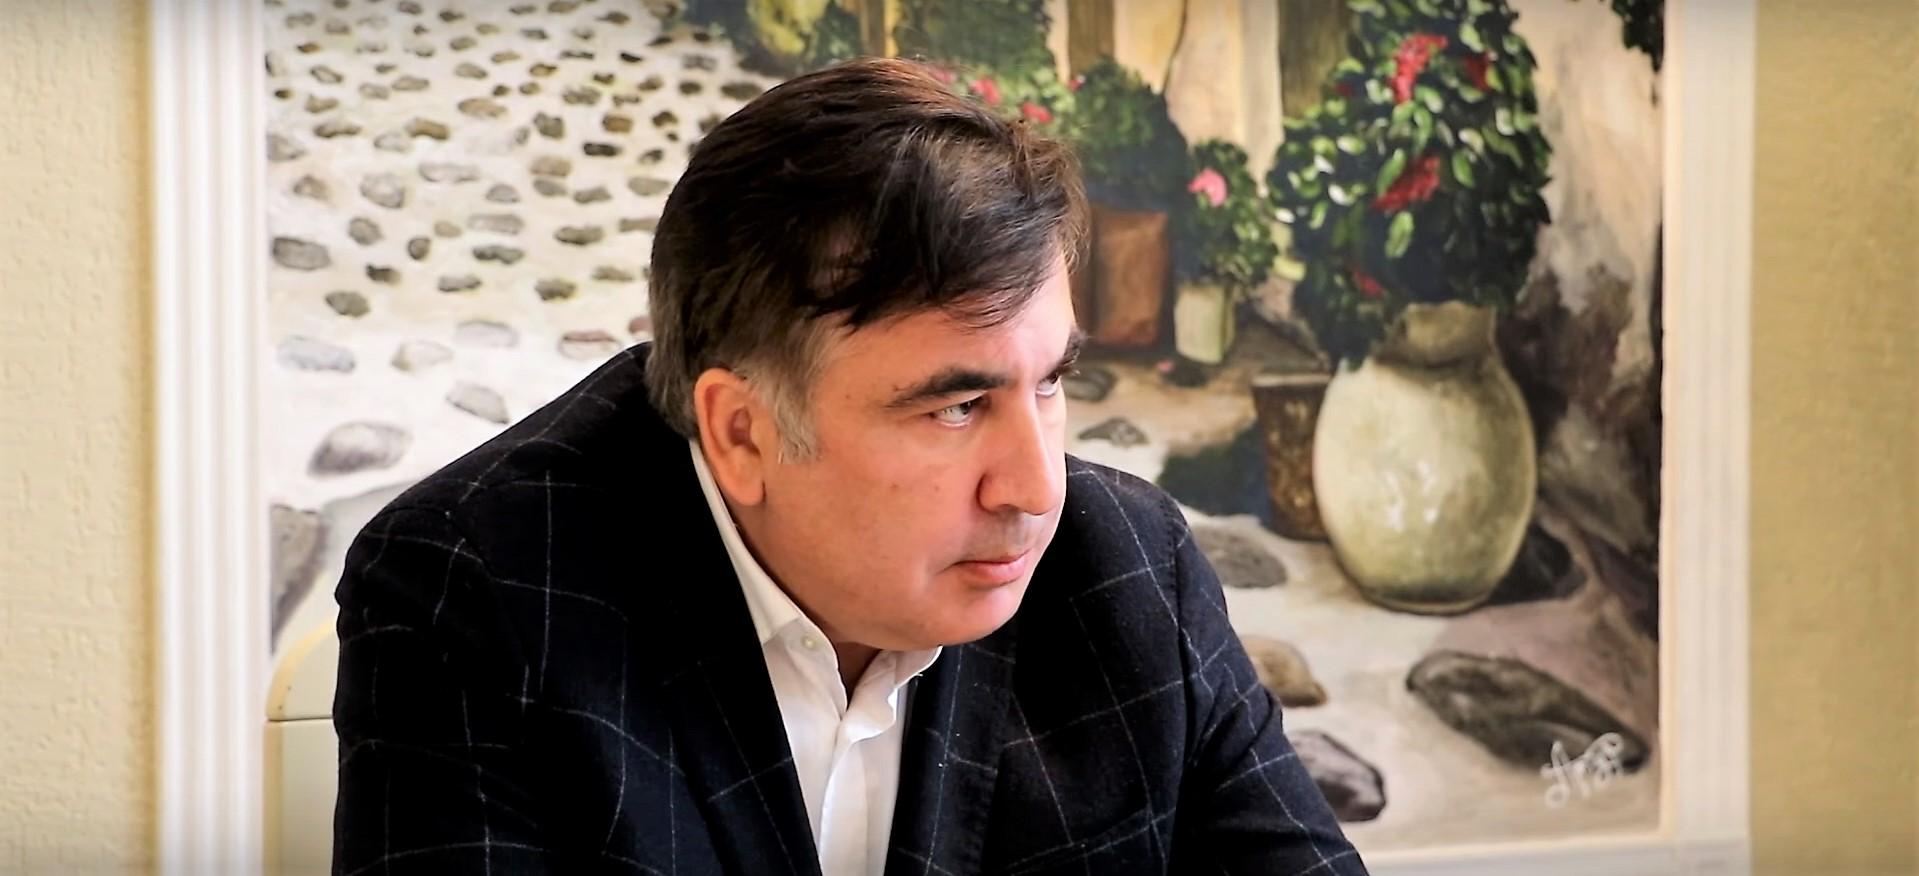 """""""Реформи дискредитують навмисно"""", - ексклюзивне інтерв'ю Саакашвілі в Кропивницькому, частина 2. ВІДЕО - 2 - Політика - Без Купюр"""